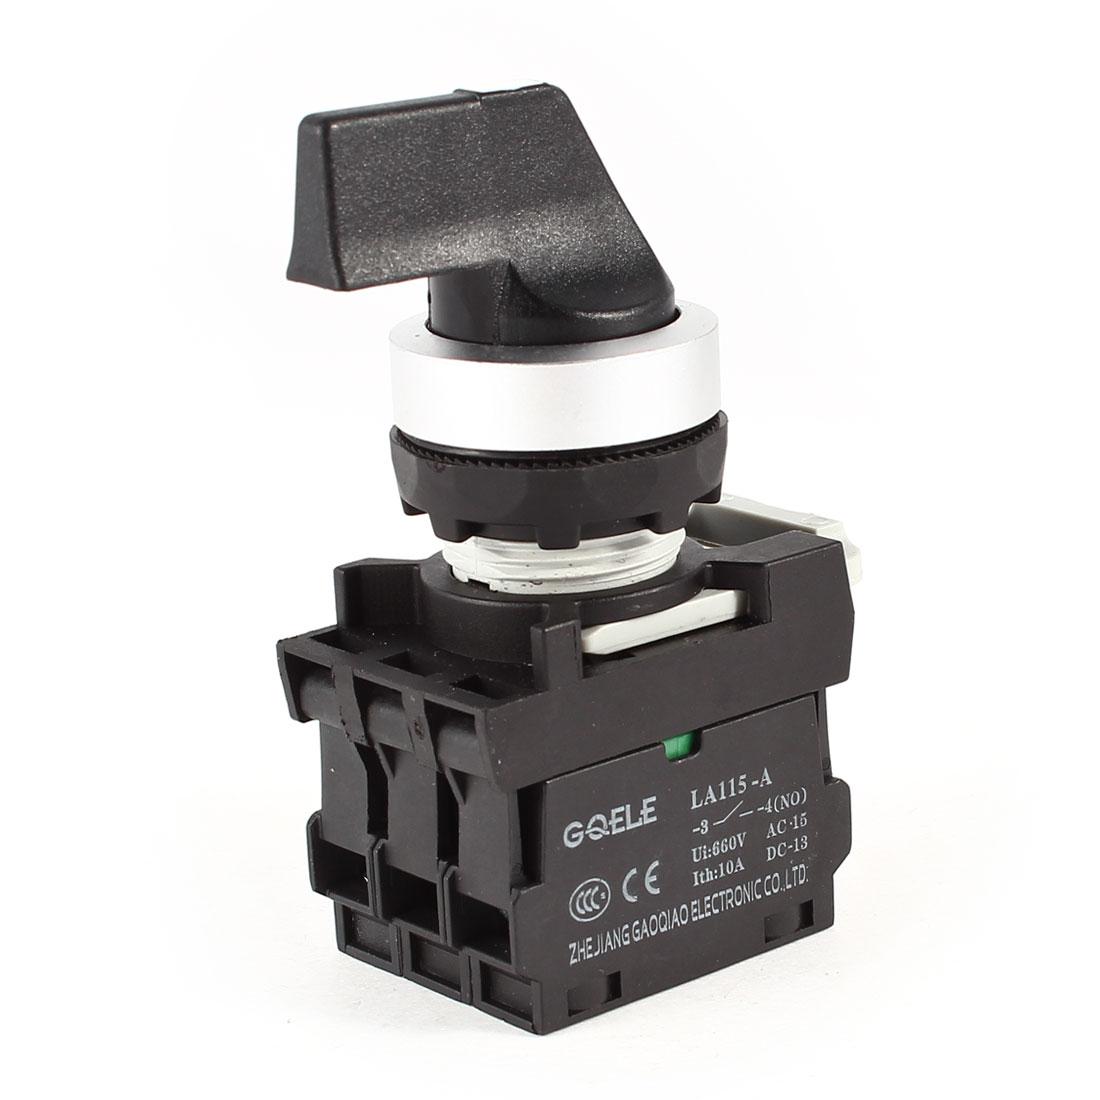 dpst rocker switch wiring diagram wiring diagram and hernes carling dpdt rocker switch wiring diagram schematics and